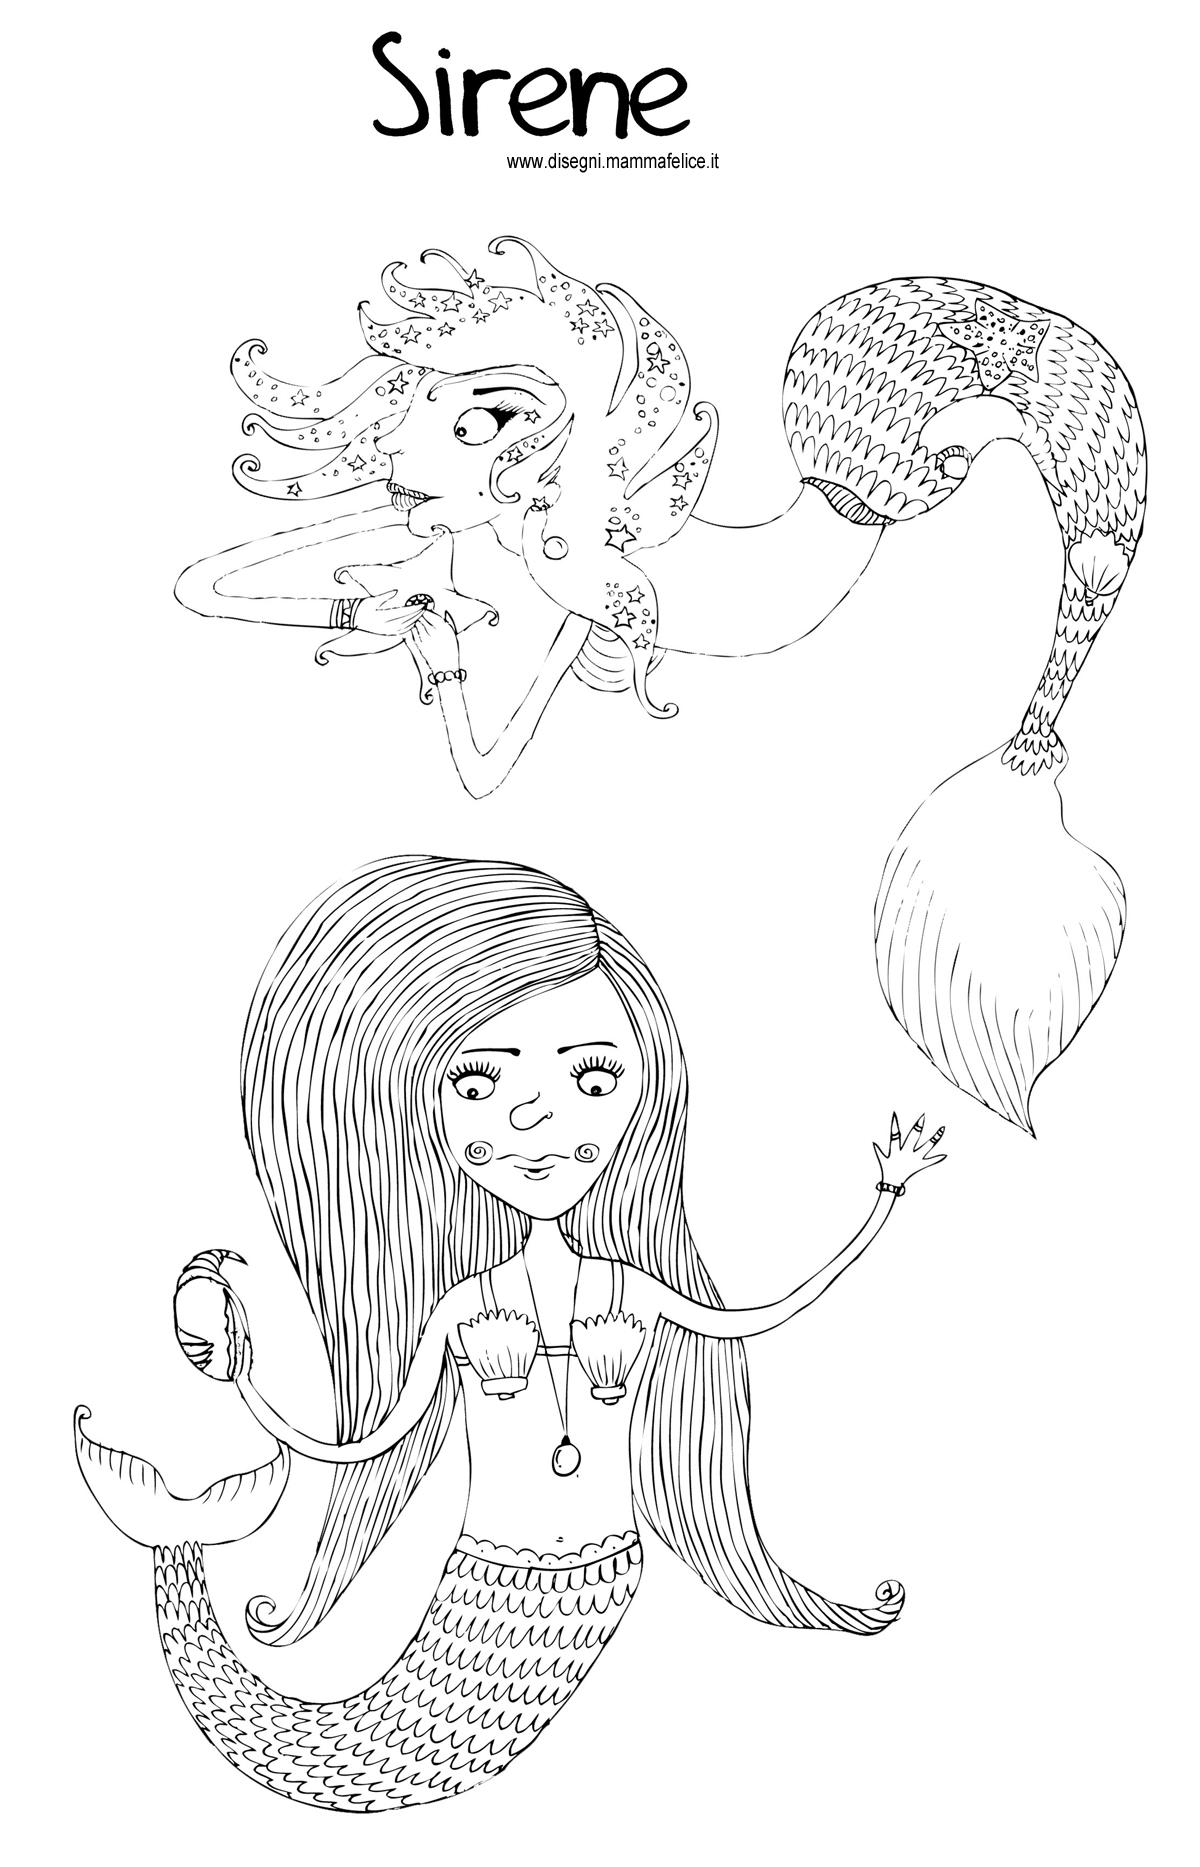 disegni-per-bambini-da-colorare-sirene-sirenetta-mare-vacanze-fiabe